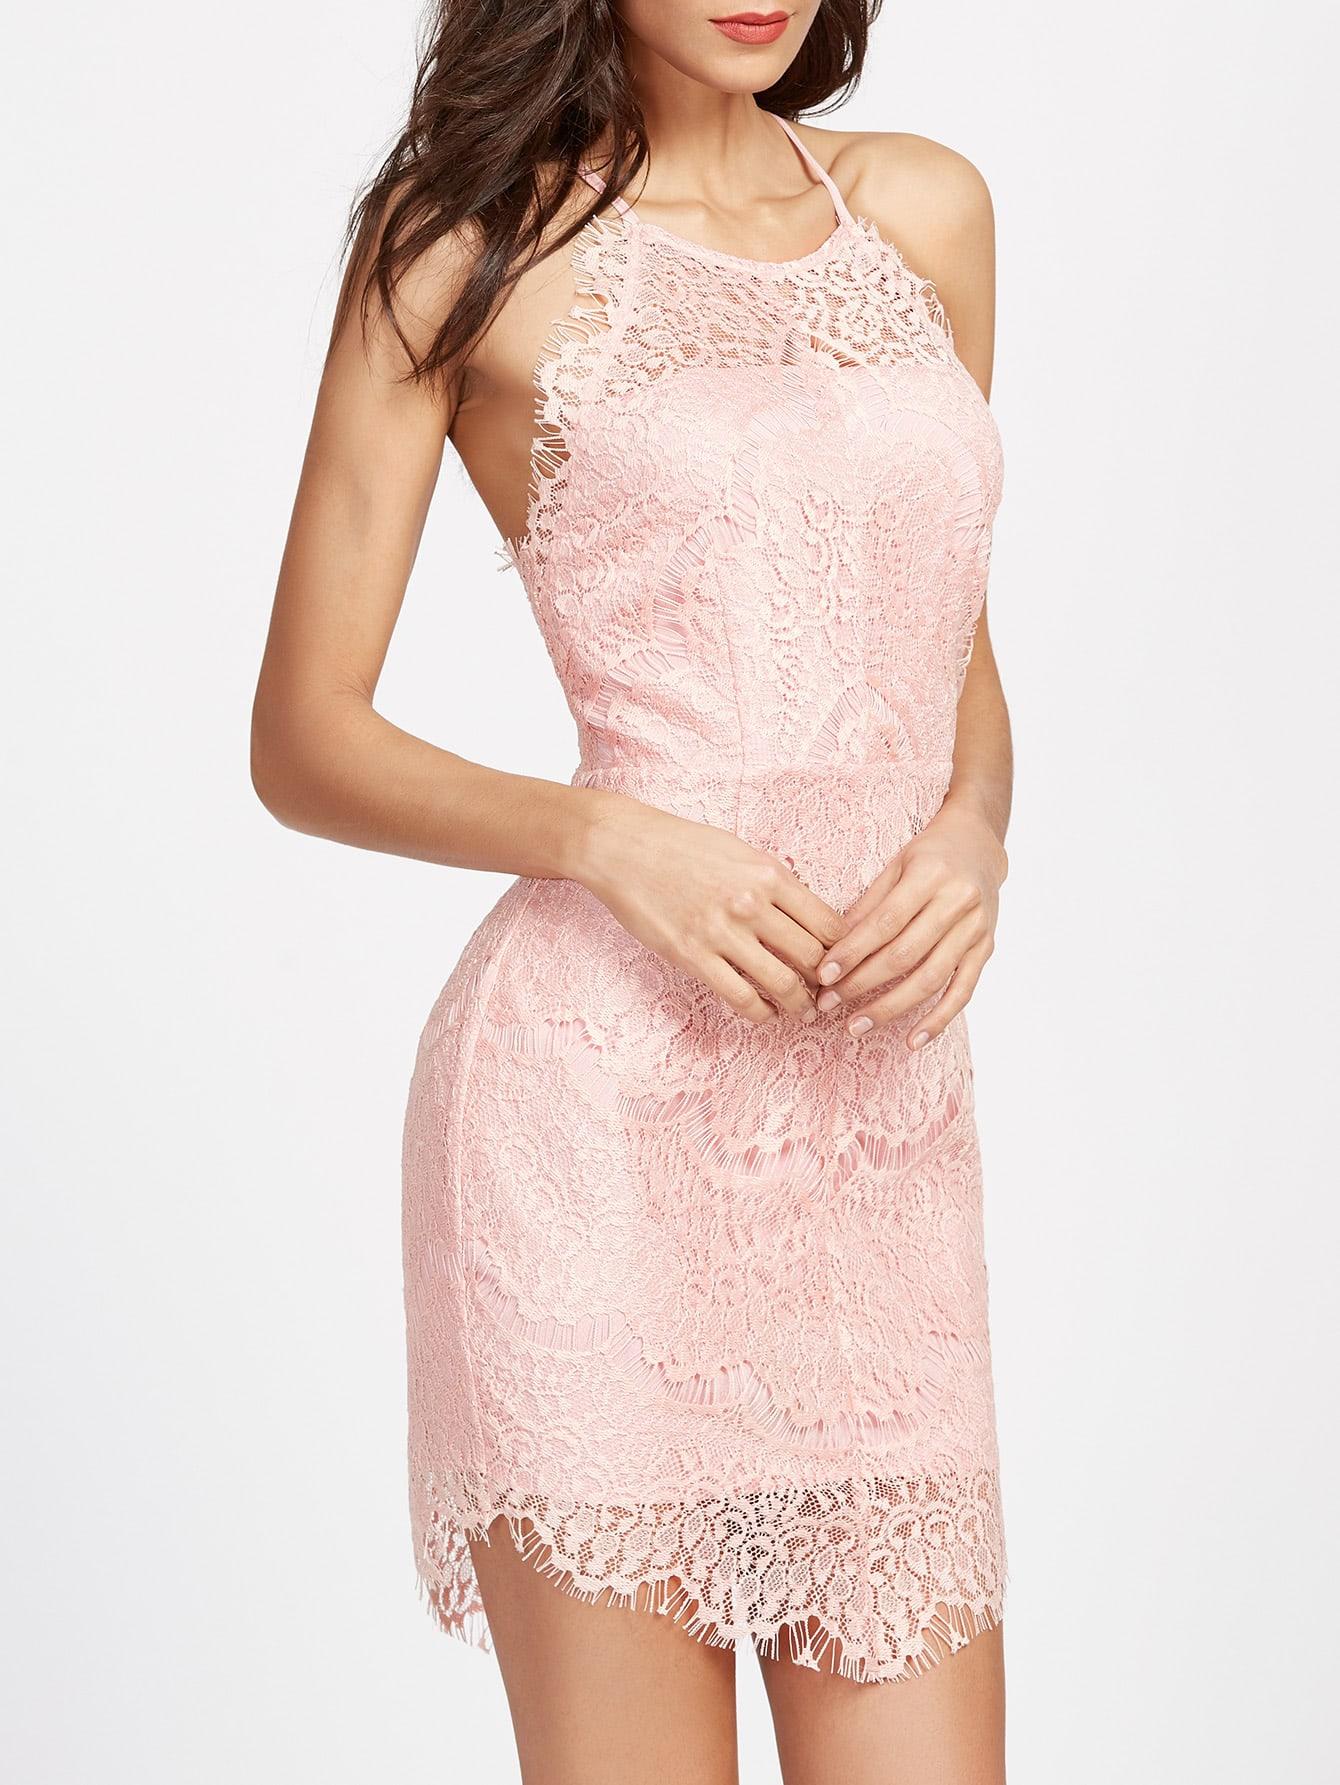 dress170313711_2